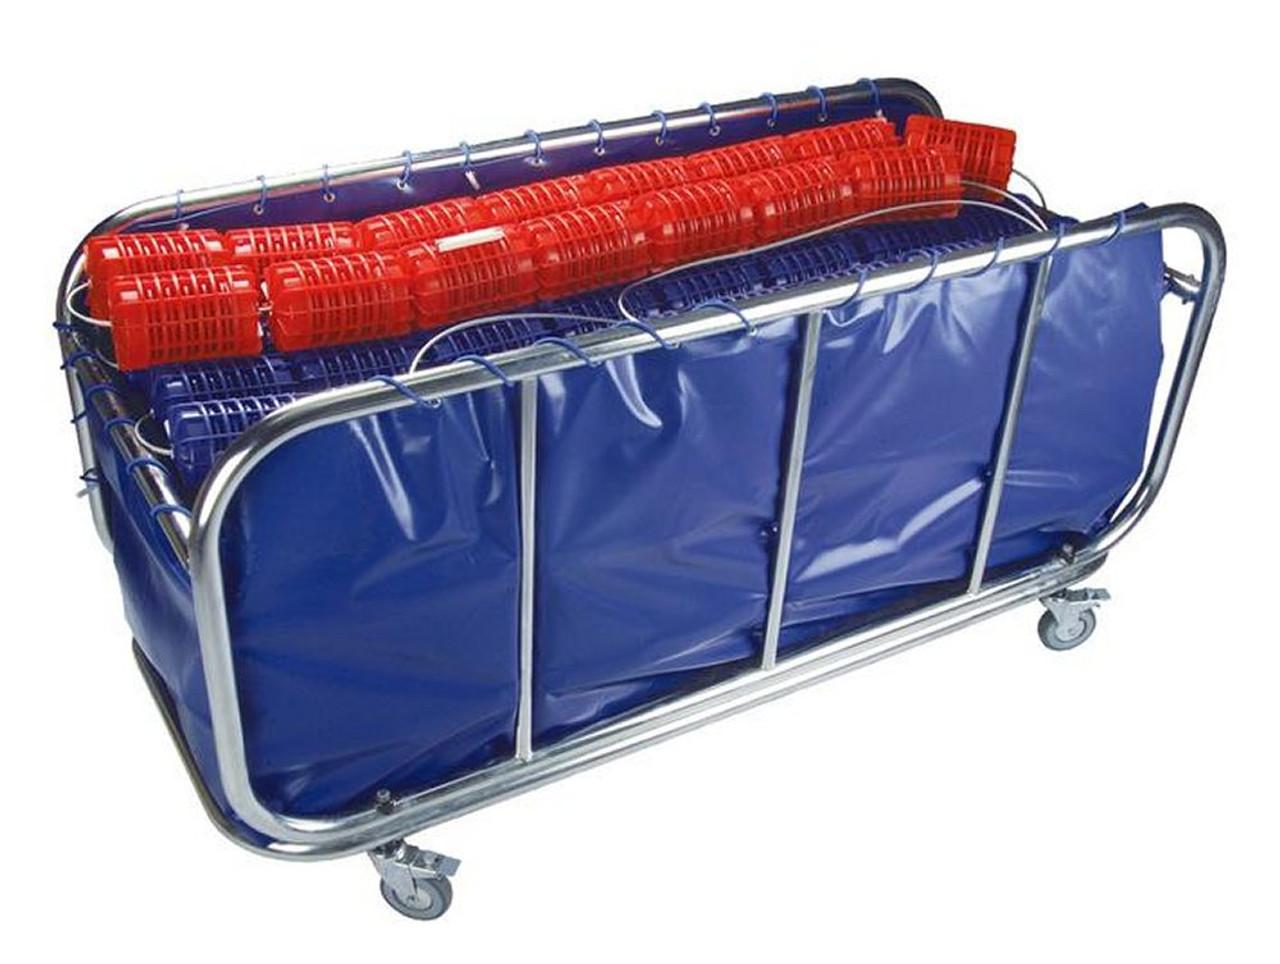 Swimming Pool Lane Ropes Storage Basket (28623)